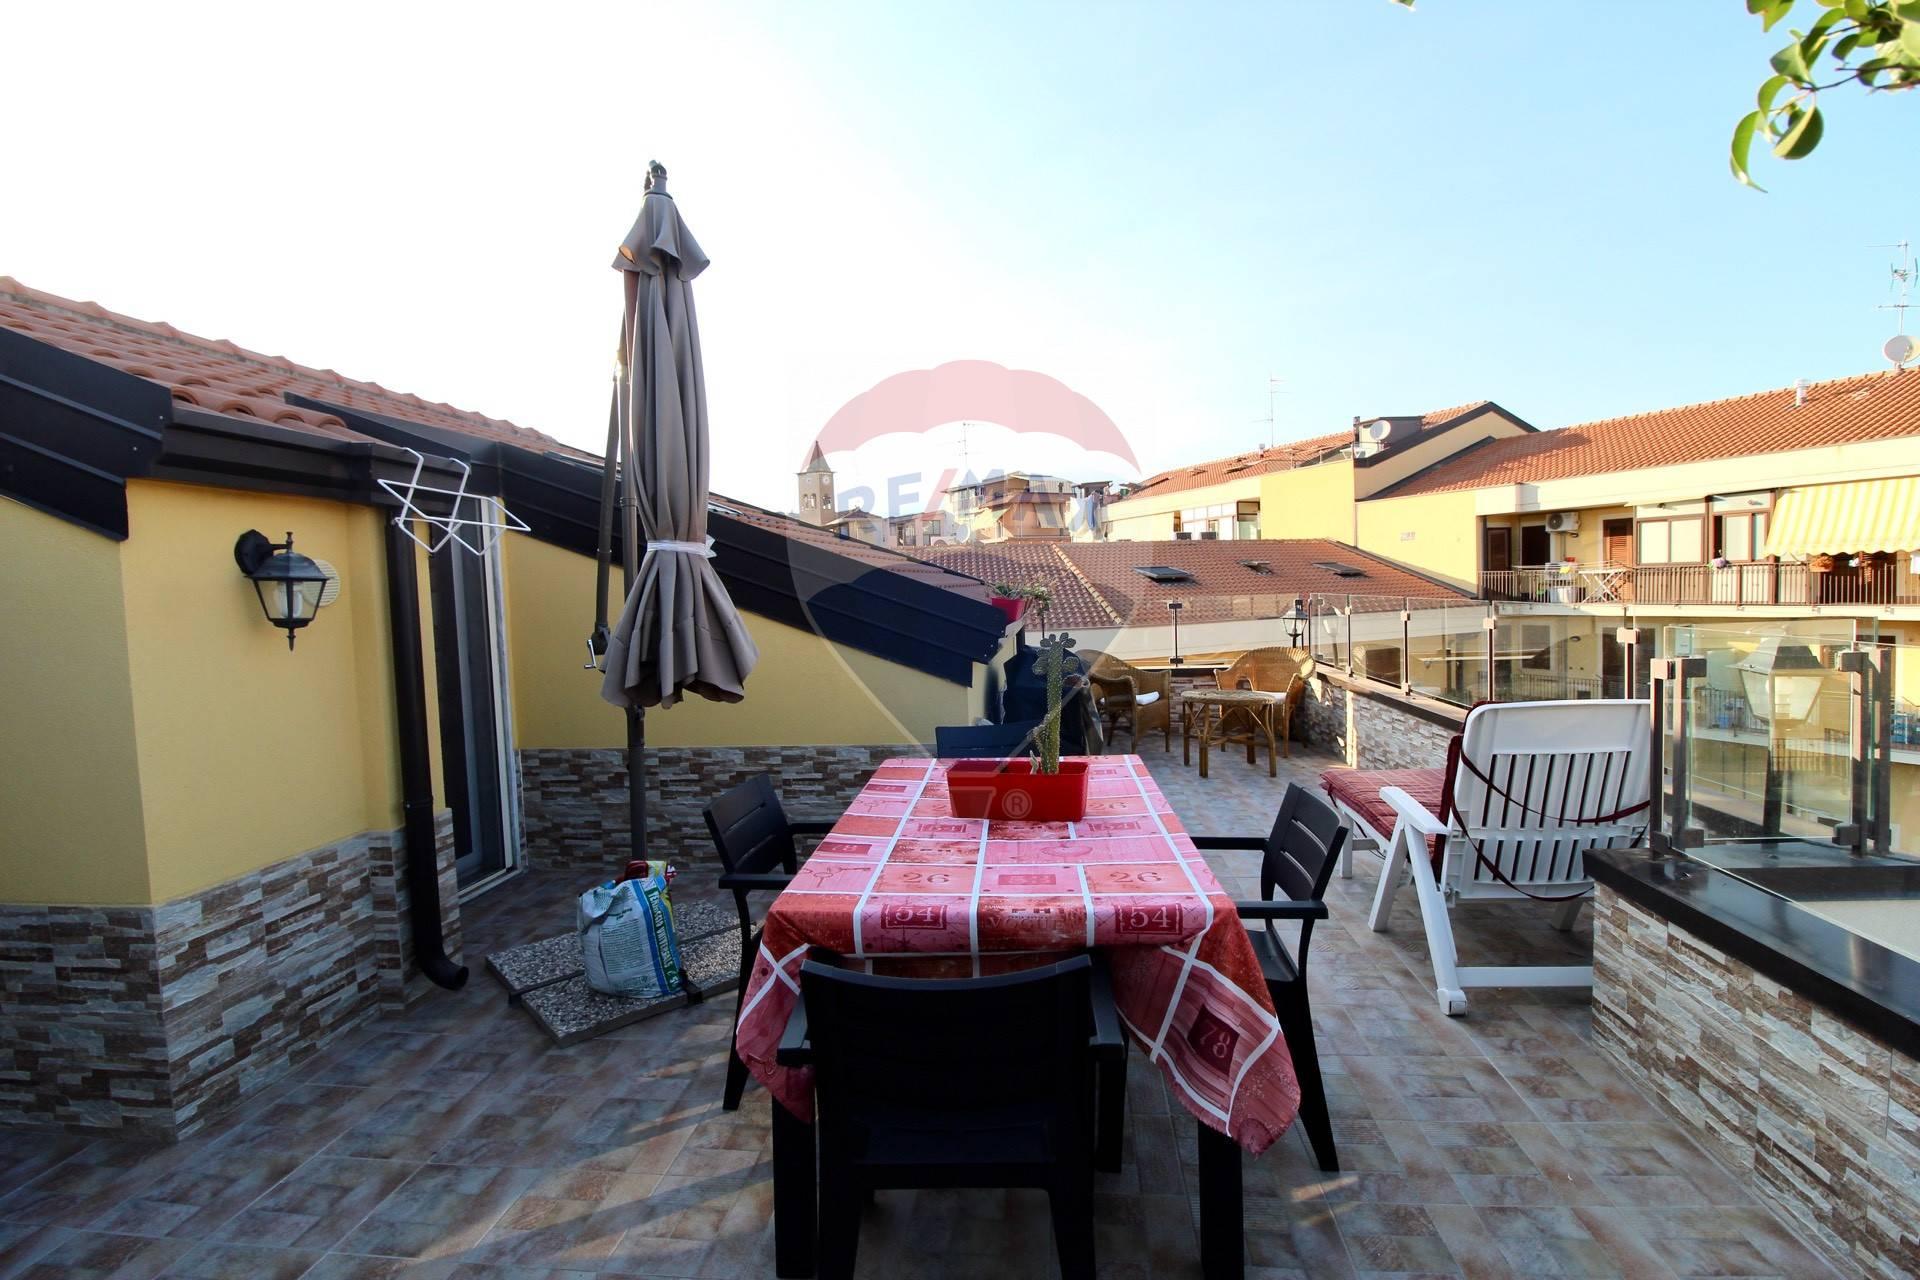 Appartamento in vendita a Aci Catena, 3 locali, zona Località: SanNicolò, prezzo € 120.000 | CambioCasa.it